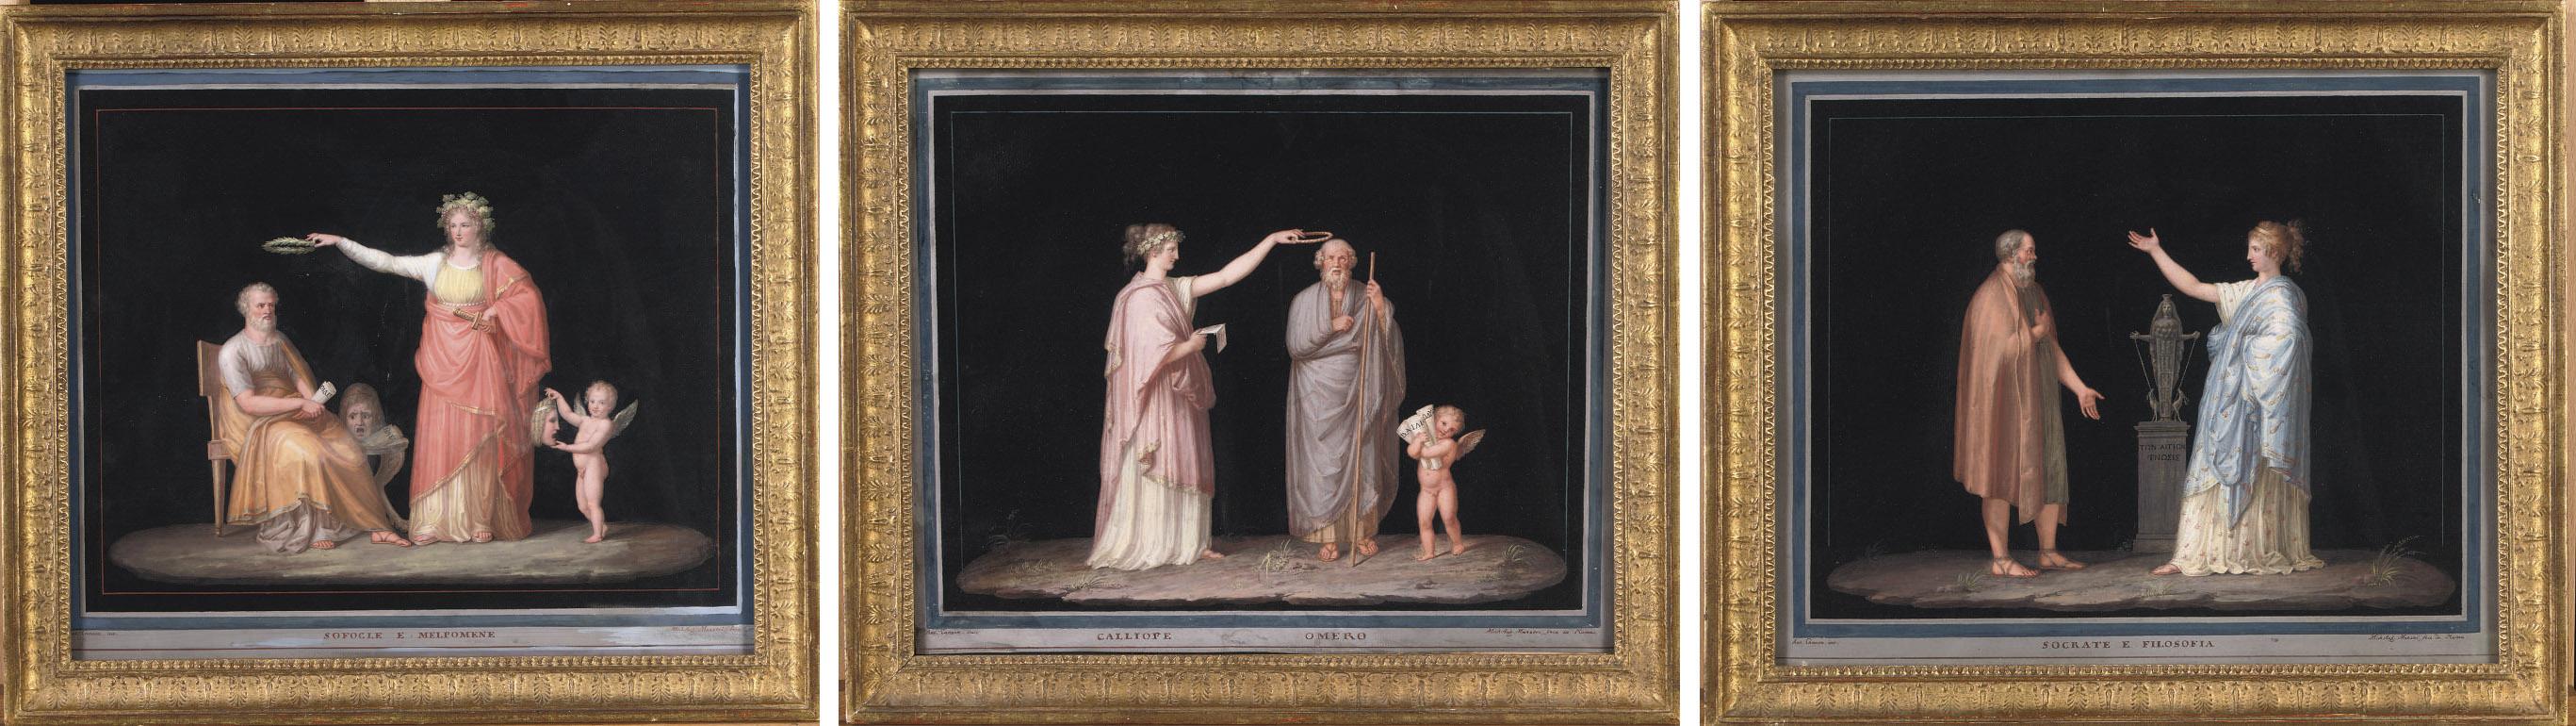 Sofocle e Melpone; Socrate e Filosofia; Calliope Omero